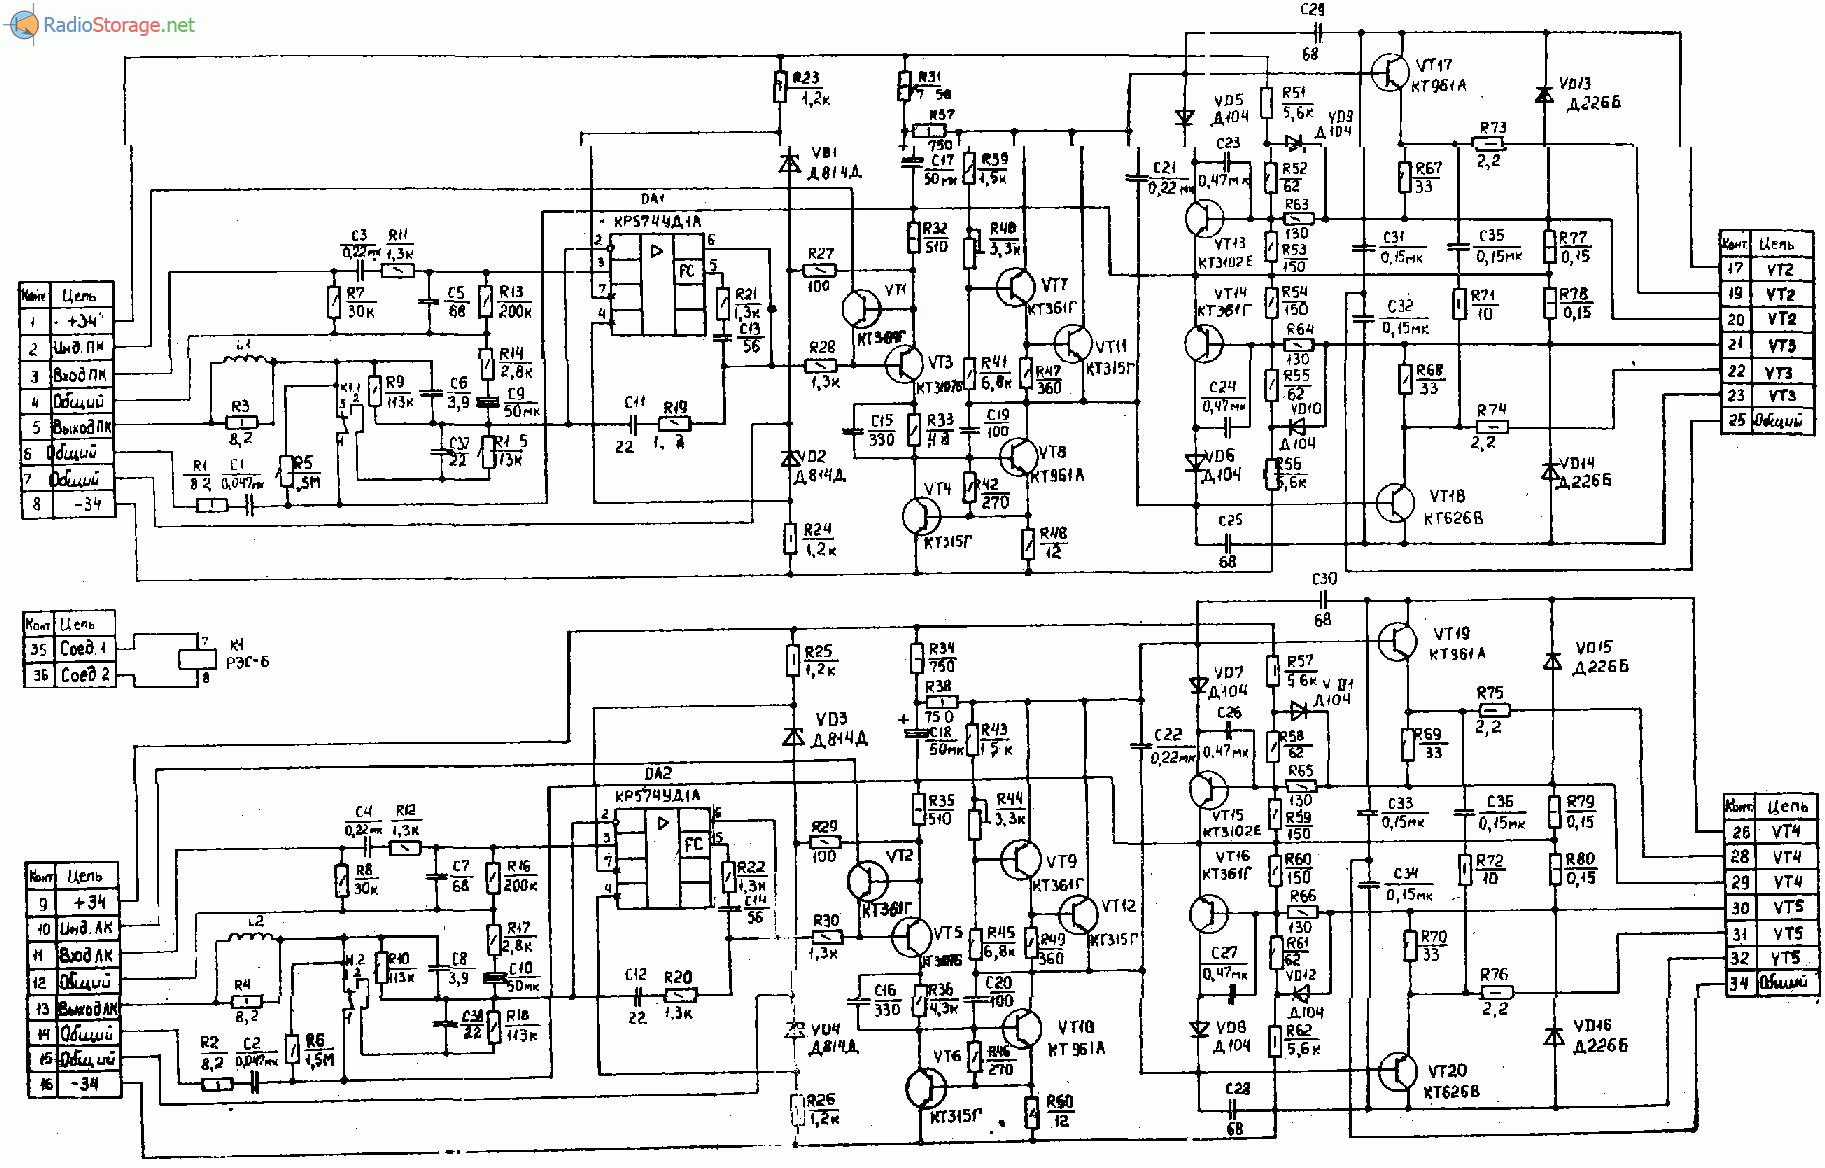 барк у 001 стерео hi fi схема подключения